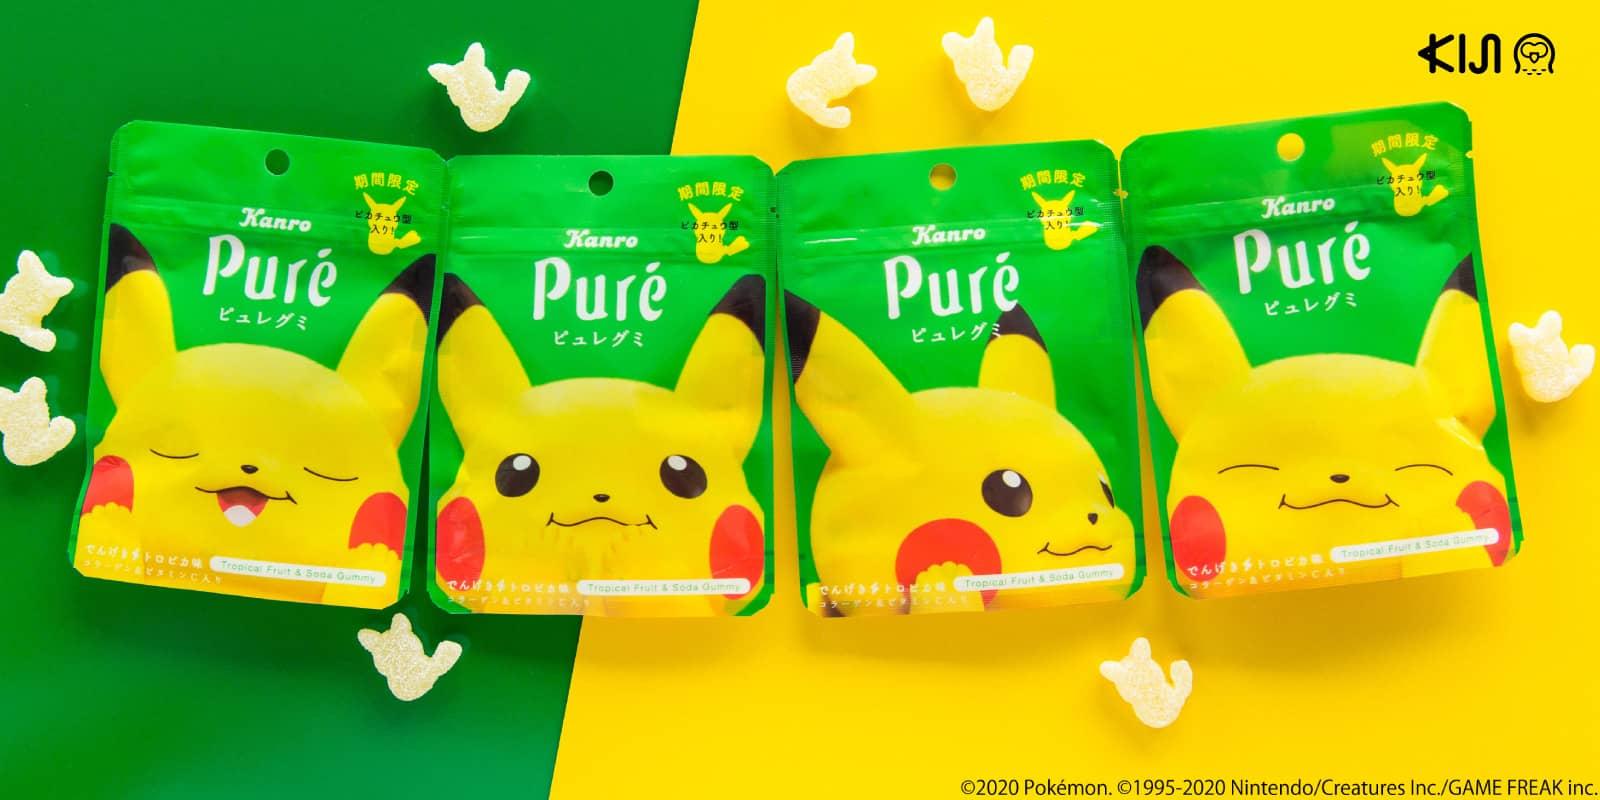 Pure ชวนจับโปเกมอนในซอง กับผลิตภัณฑ์ออกใหม่เยลลี่เคี้ยวหนึบรูปปิกาจู